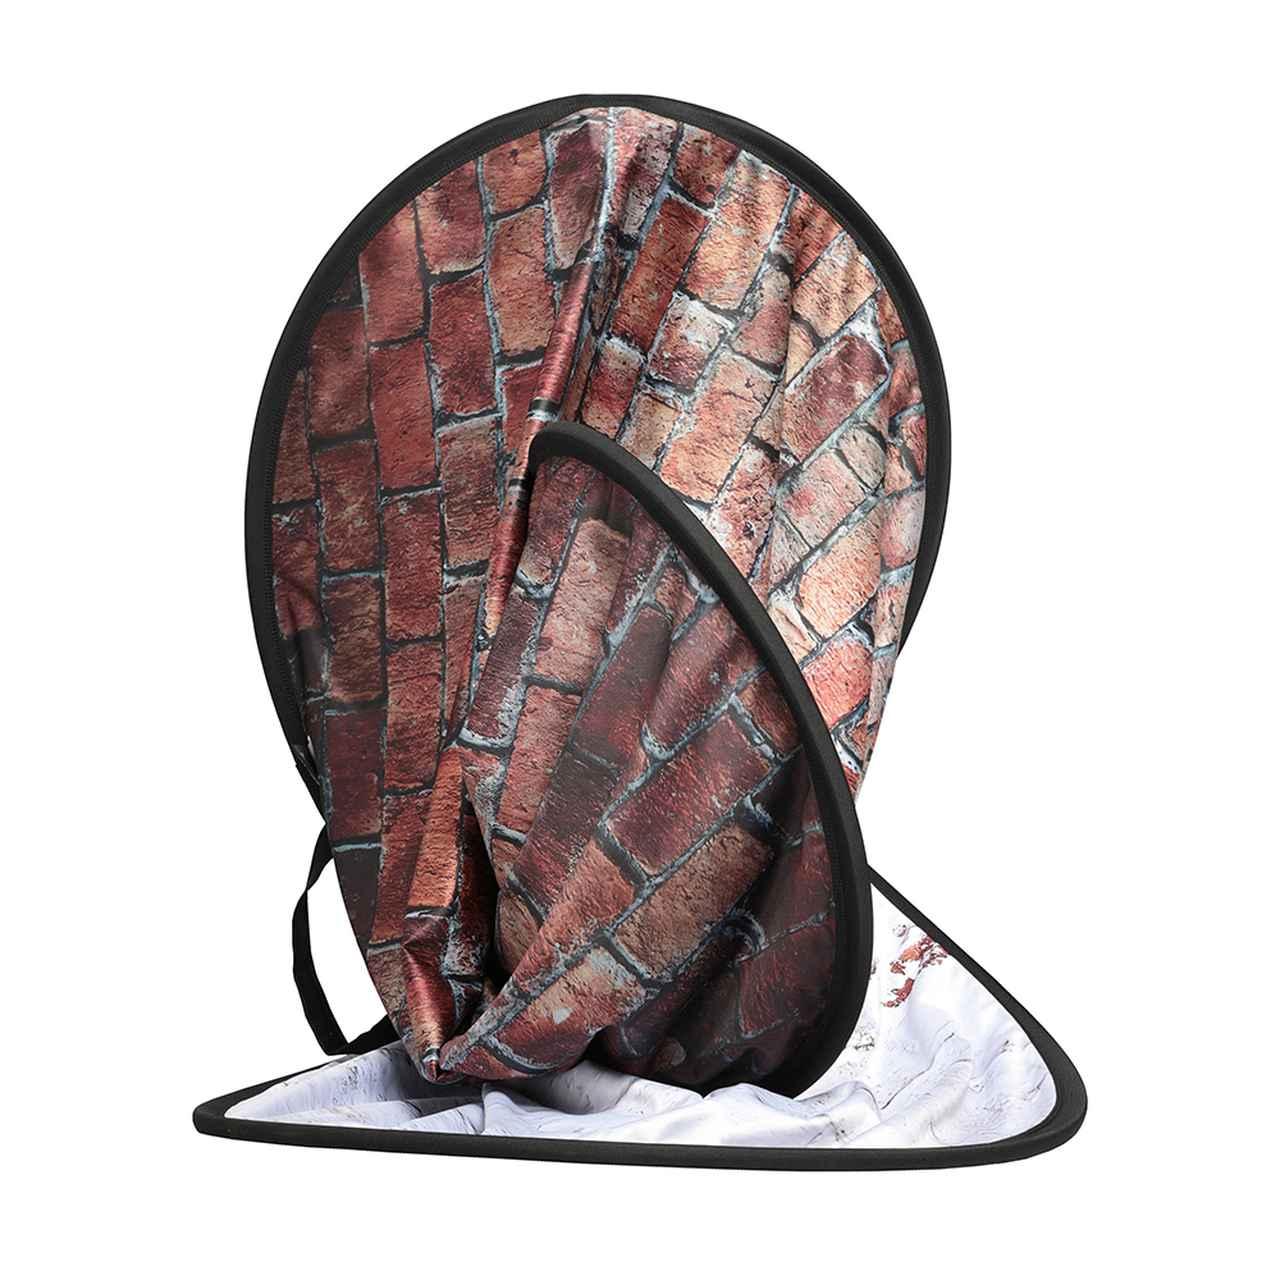 画像4: ヴァイテックイメージングは、Lastoliteの折たたみ式柄背景の 新製品2モデルを発売!